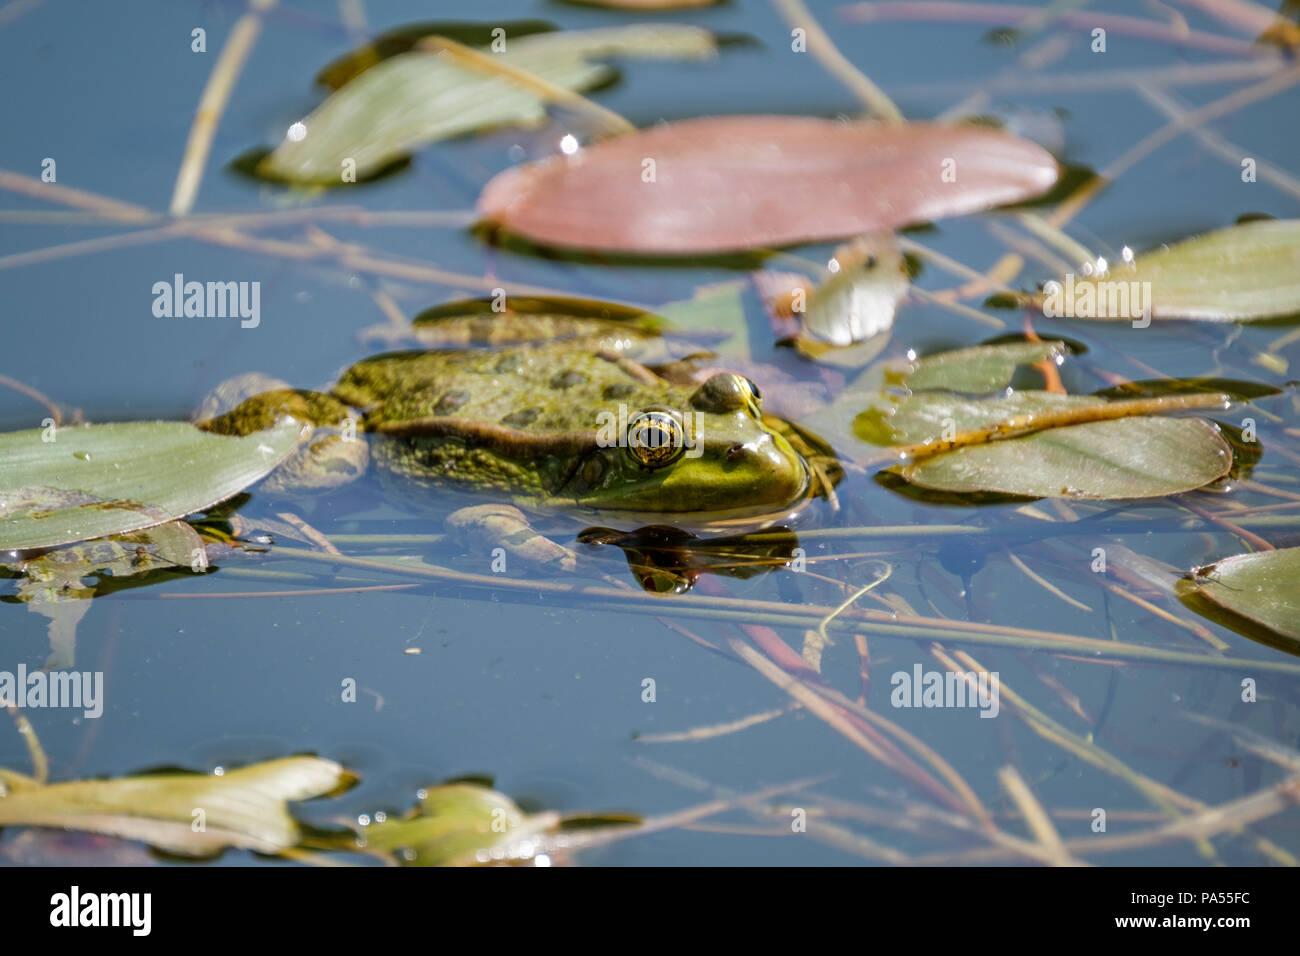 Ruhe Frosch in ein frisches Wasser Teich. Frösche in einem schönen frisches Wasser Teich in der Schweiz Stockbild